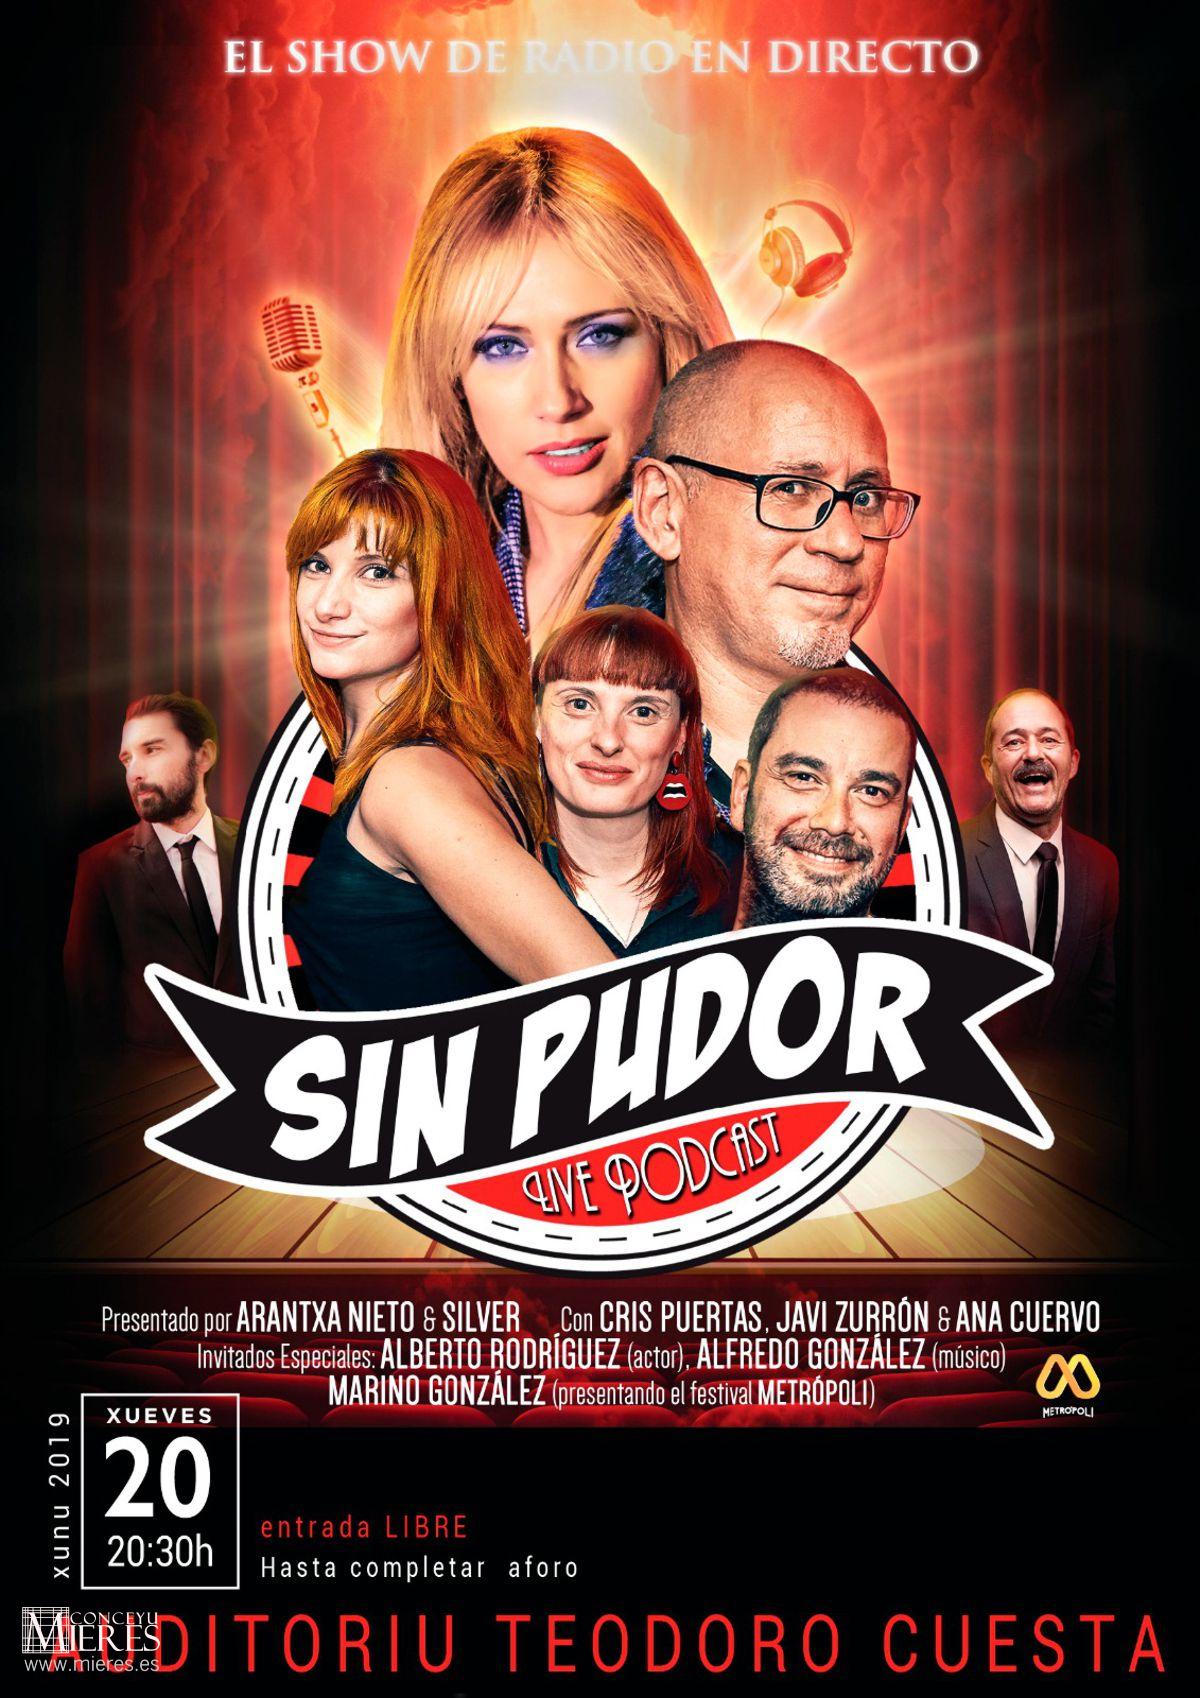 Cartel Web Sin Pudor Mieres Junio 2019